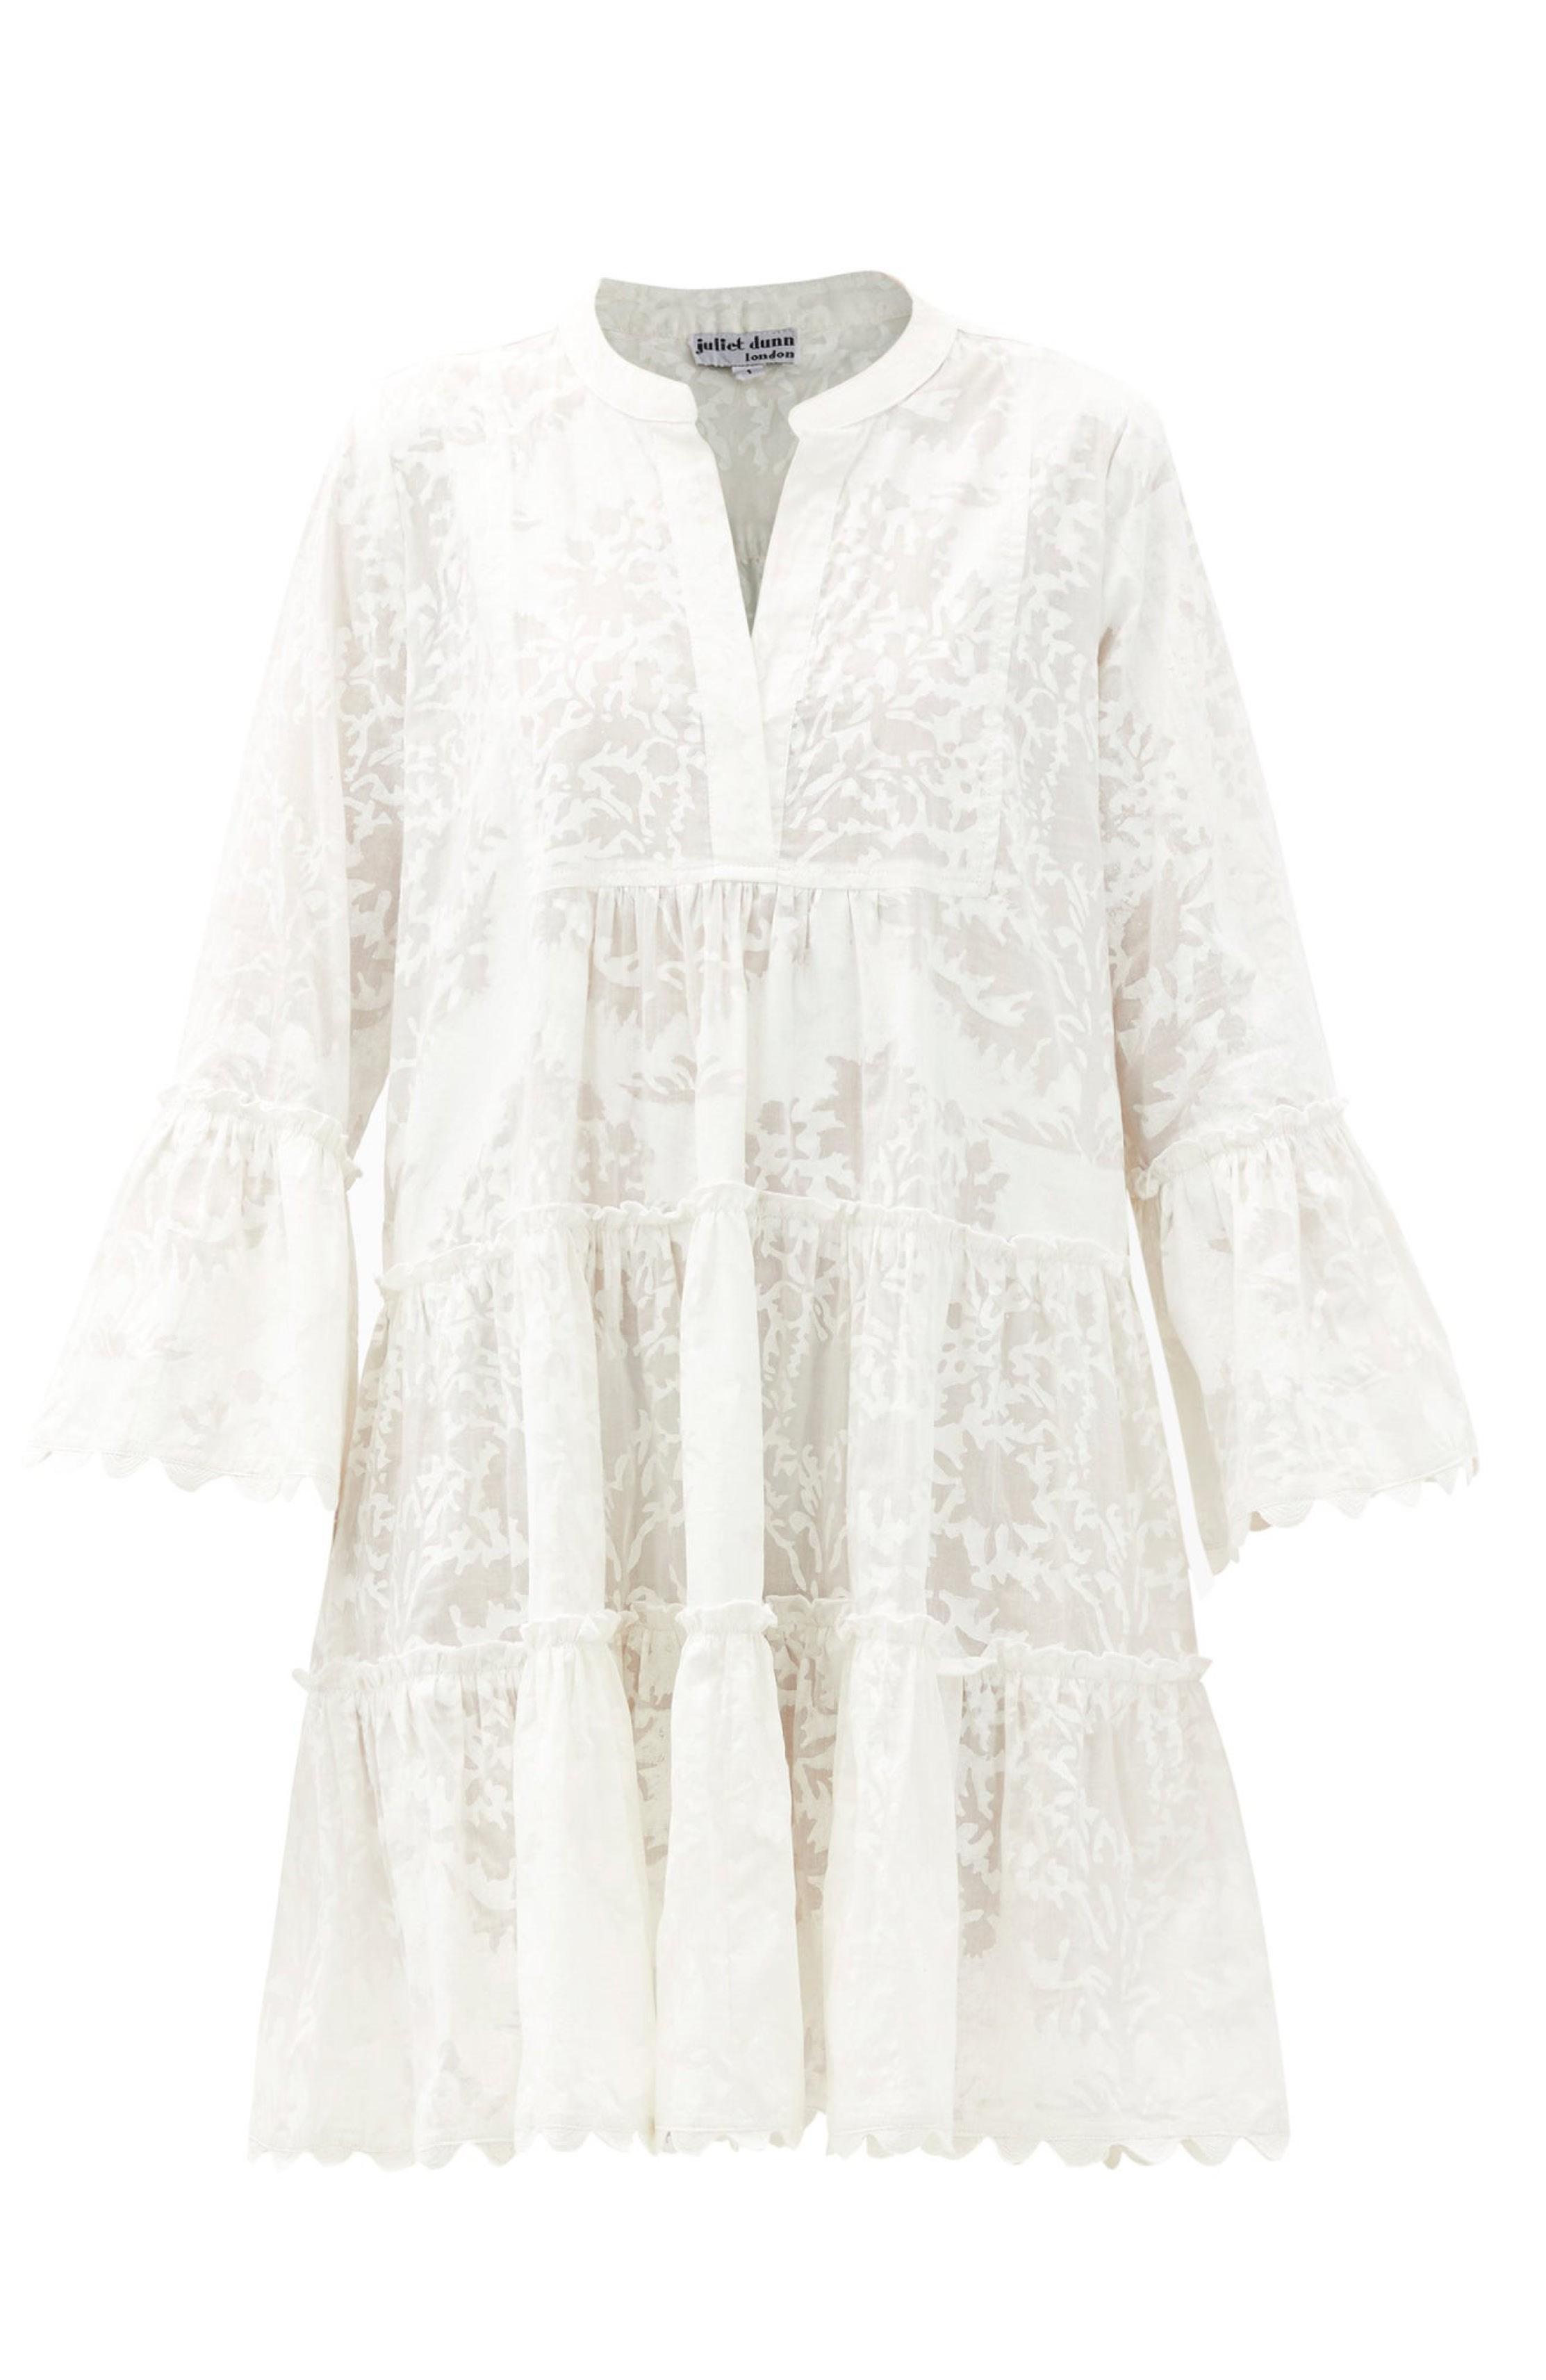 Palladio-Baumwollkleid mit geriffeltem Ärmel und Blockdruck